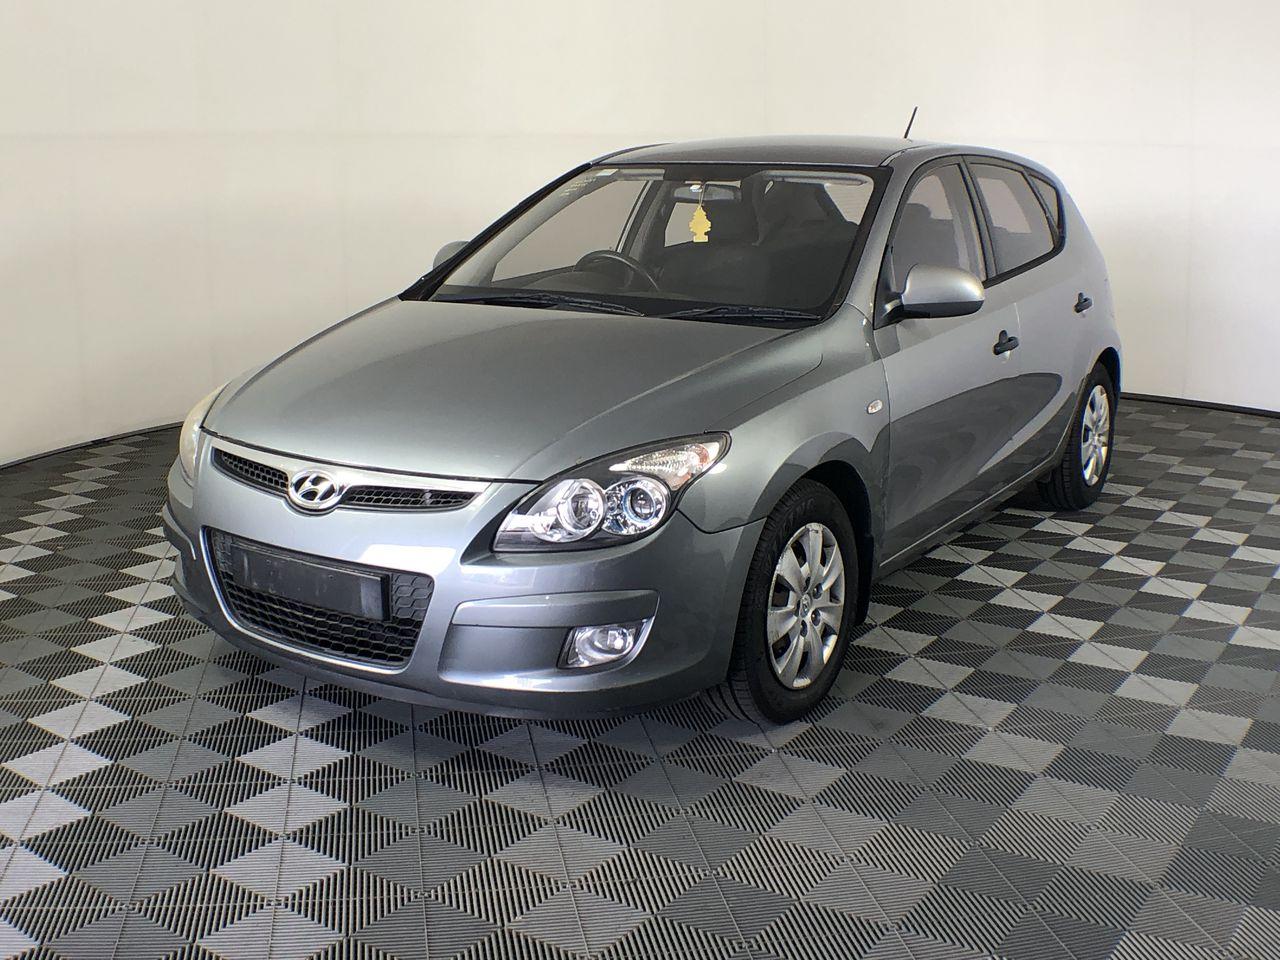 2011 Hyundai i30 SX 1.6 CRDi FD Turbo Diesel Automatic Hatchback(wovr)